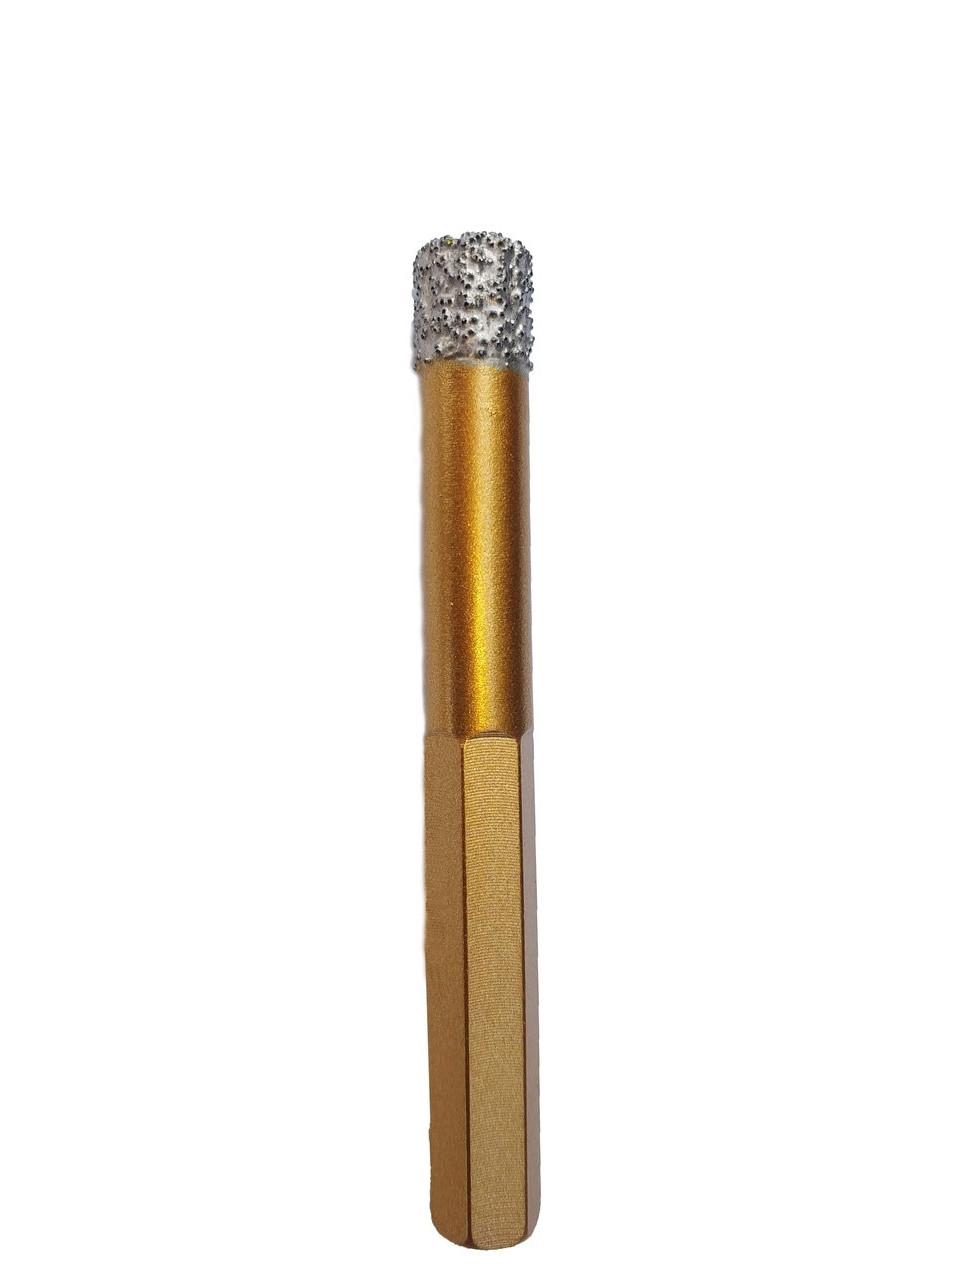 Коронка Craft вакумна з шестигранним хвостовиком для керамограниту 8мм